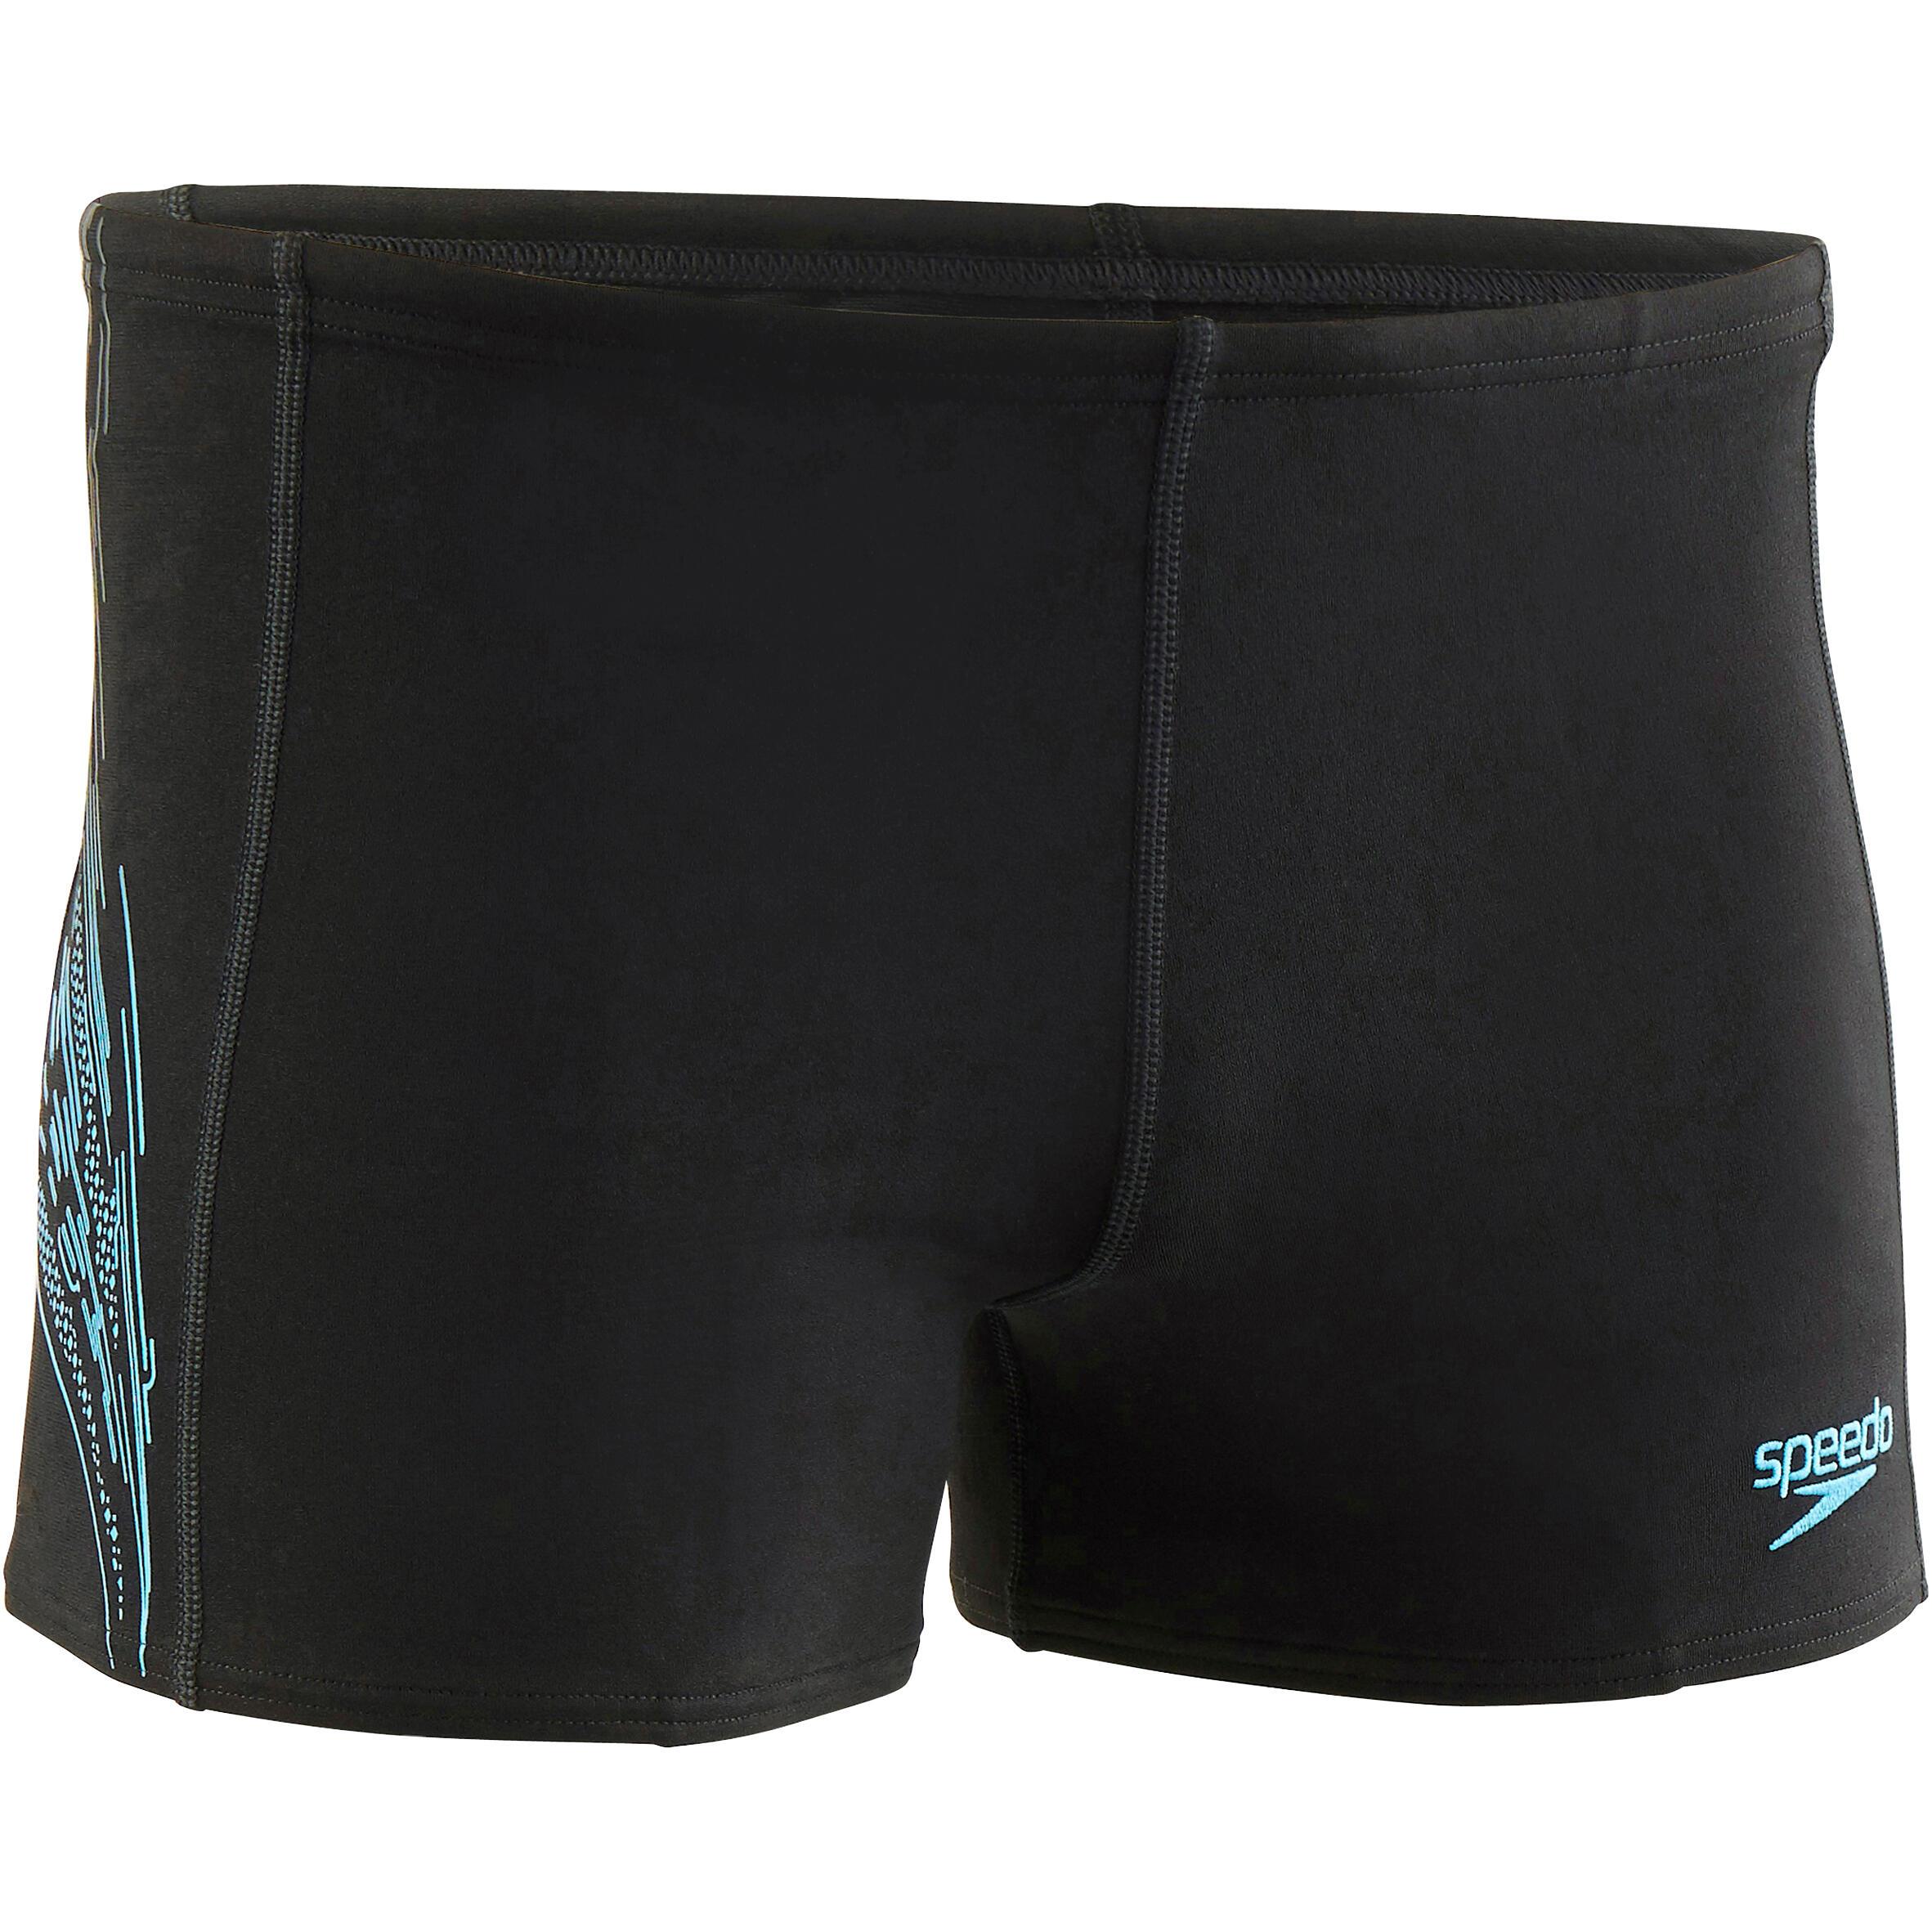 Speedo Zwemboxer voor heren met print zwart/blauw